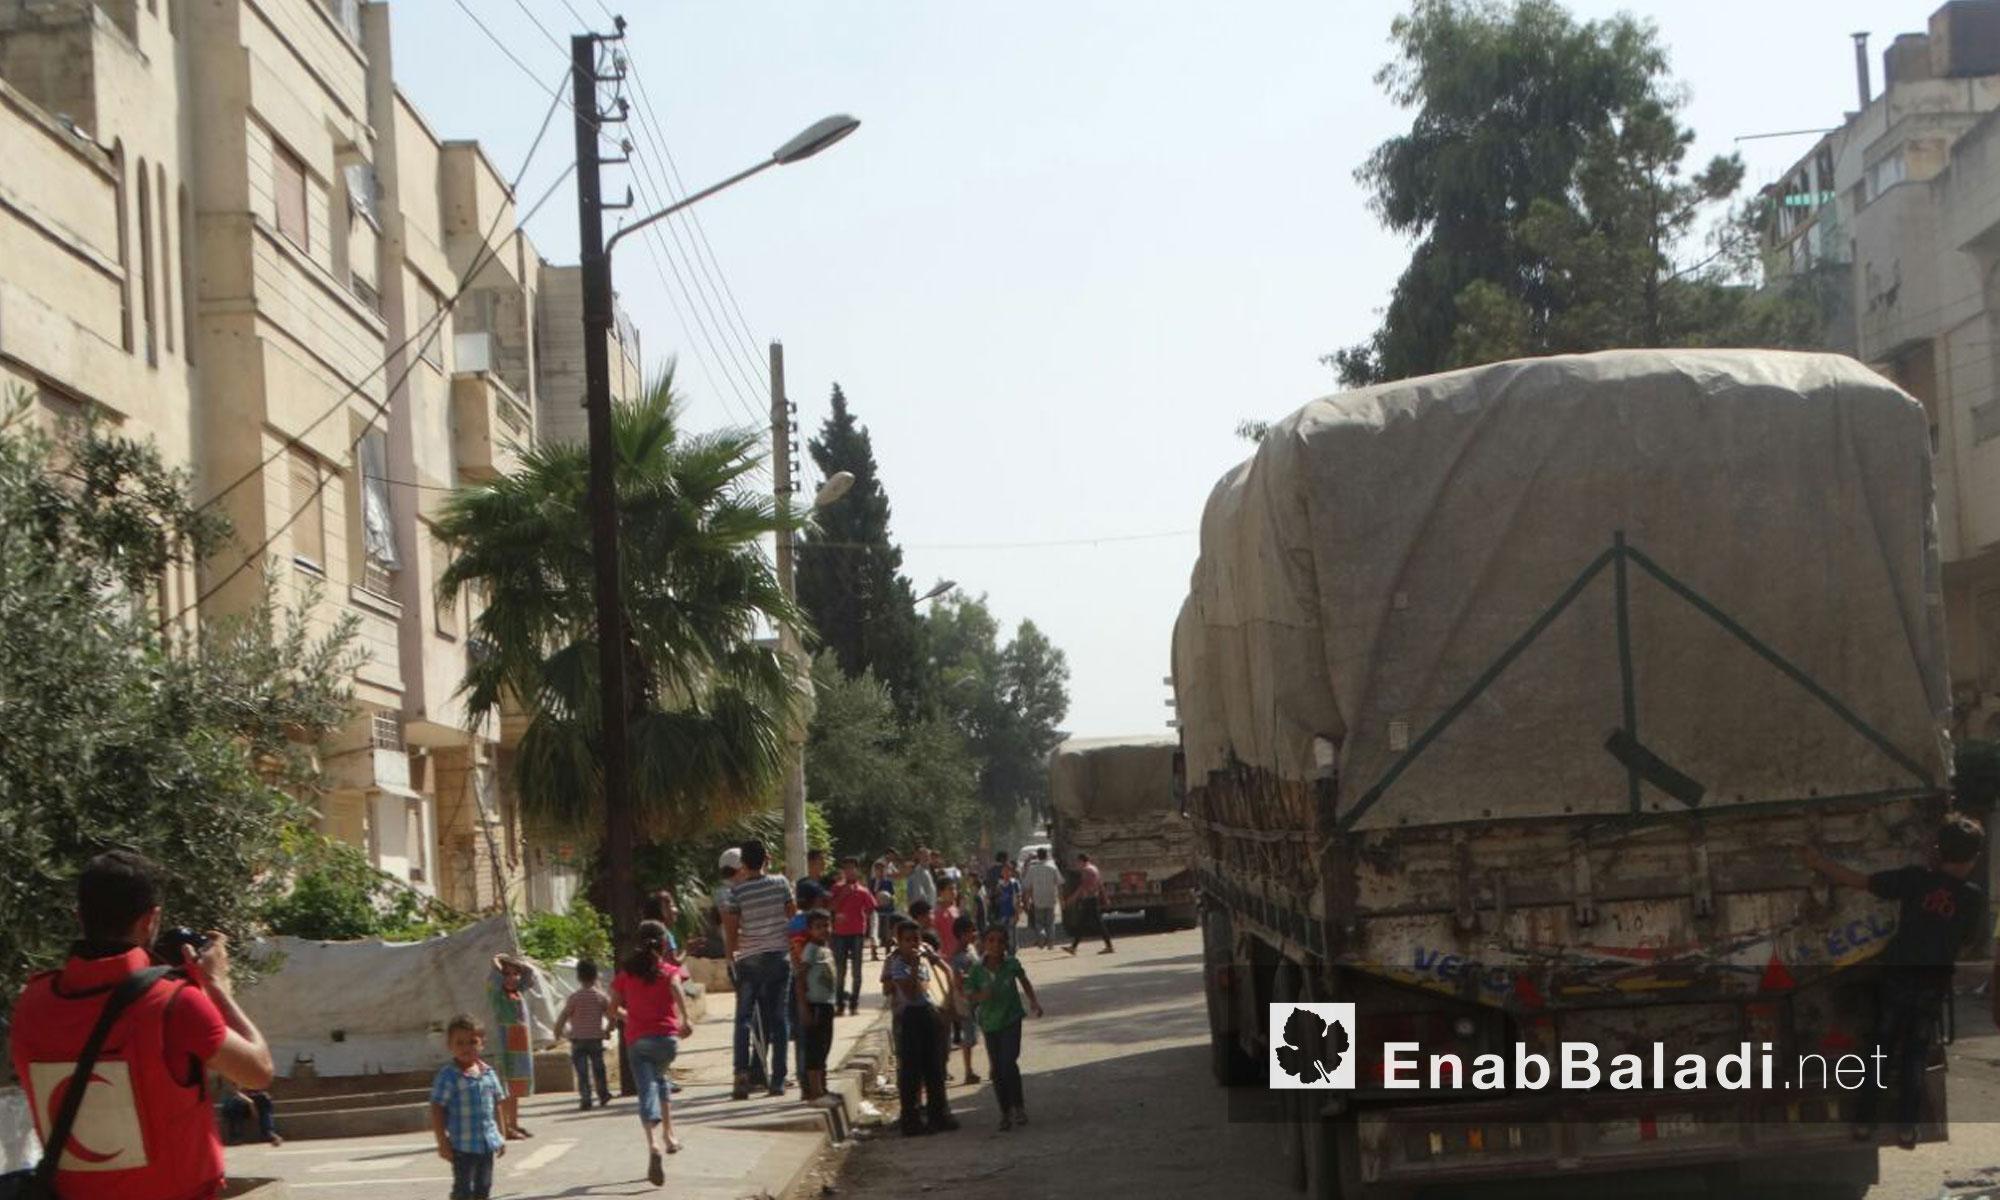 شاحنة تحوي أكياس ضمن  قافلة المساعدات الإنسانية داخل حي الوعر المحاصر - الخميس 25 آب (عنب بلدي)